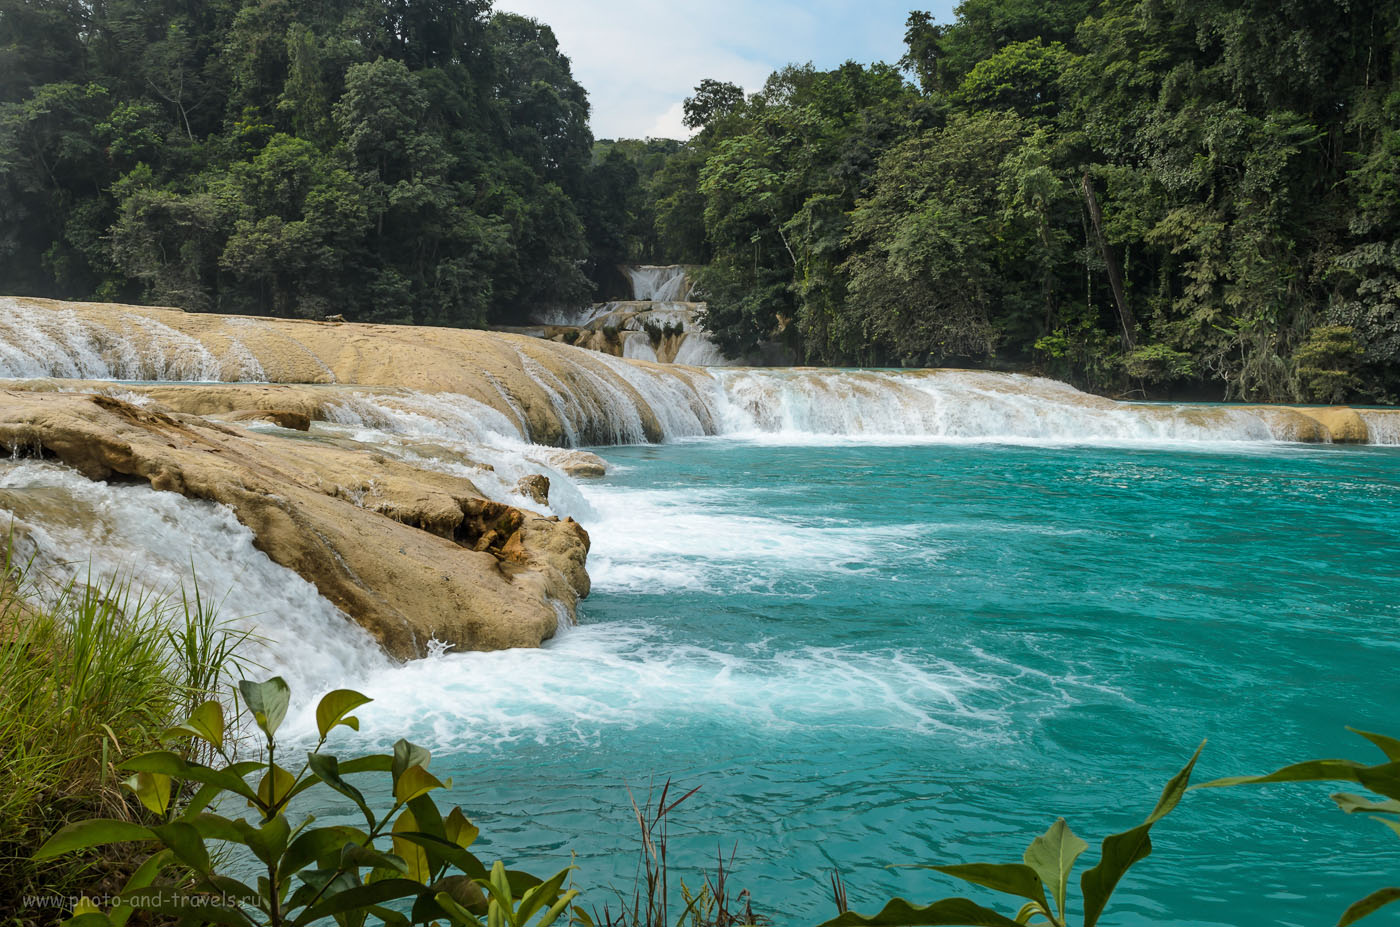 Фото 3. Что посмотреть недалеко от Паленке? Водопад Агуа-Асуль... Отчеты туристов о поездке дикарем по Мексике.